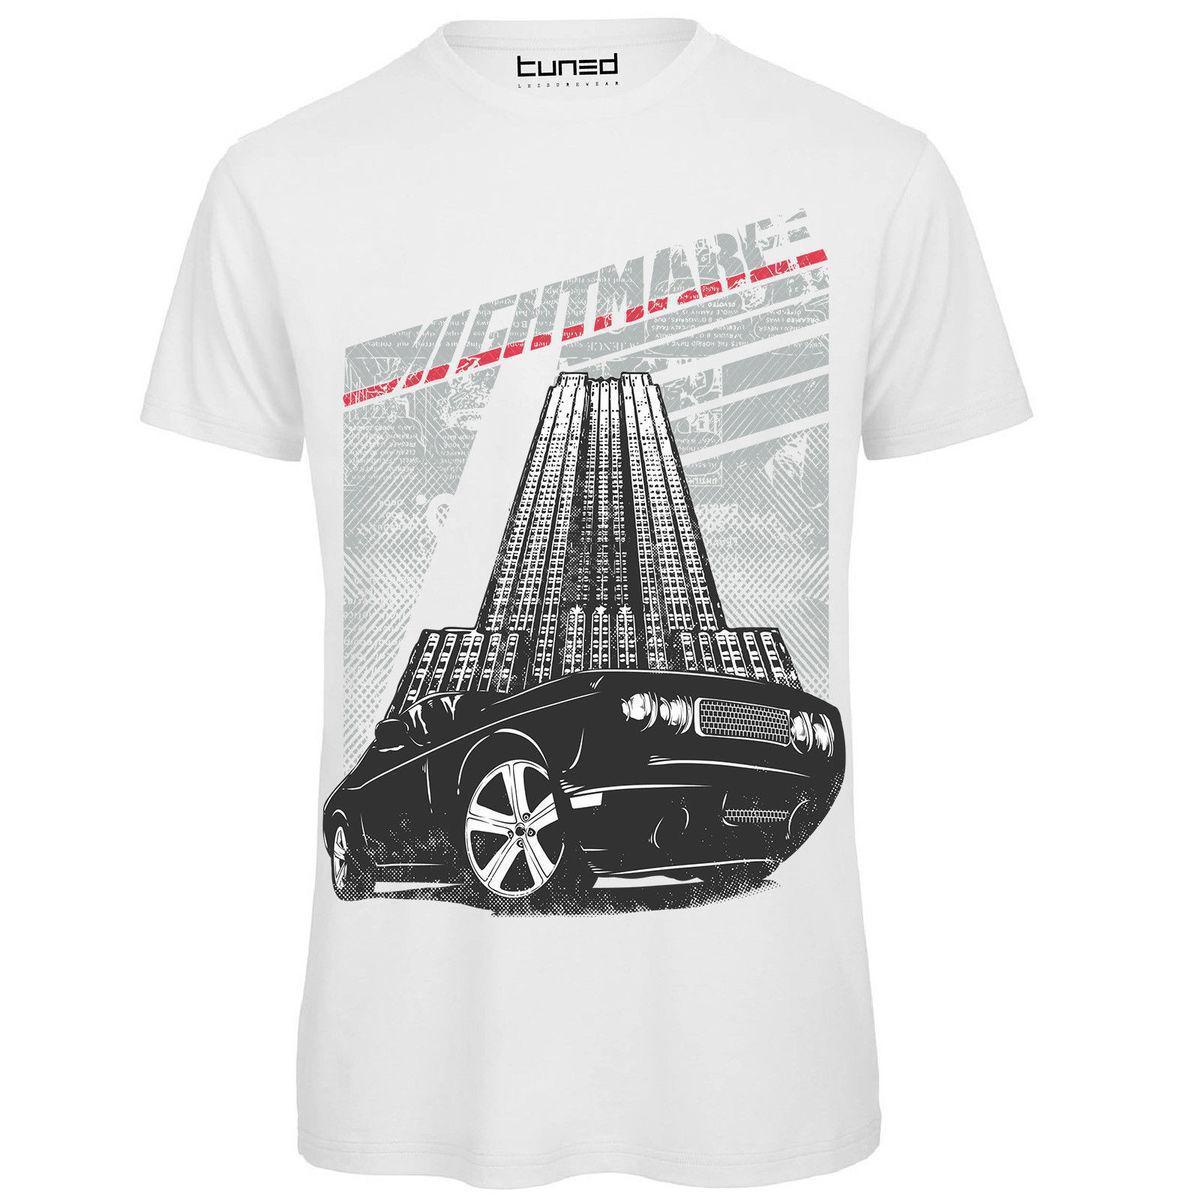 6fa8cc194d T Shirt Divertente Uomo Maglietta Cotone Con Stampa Vintage Nigth Car Tuned  Sleeve Men T Shirt Fashion Men Lastest